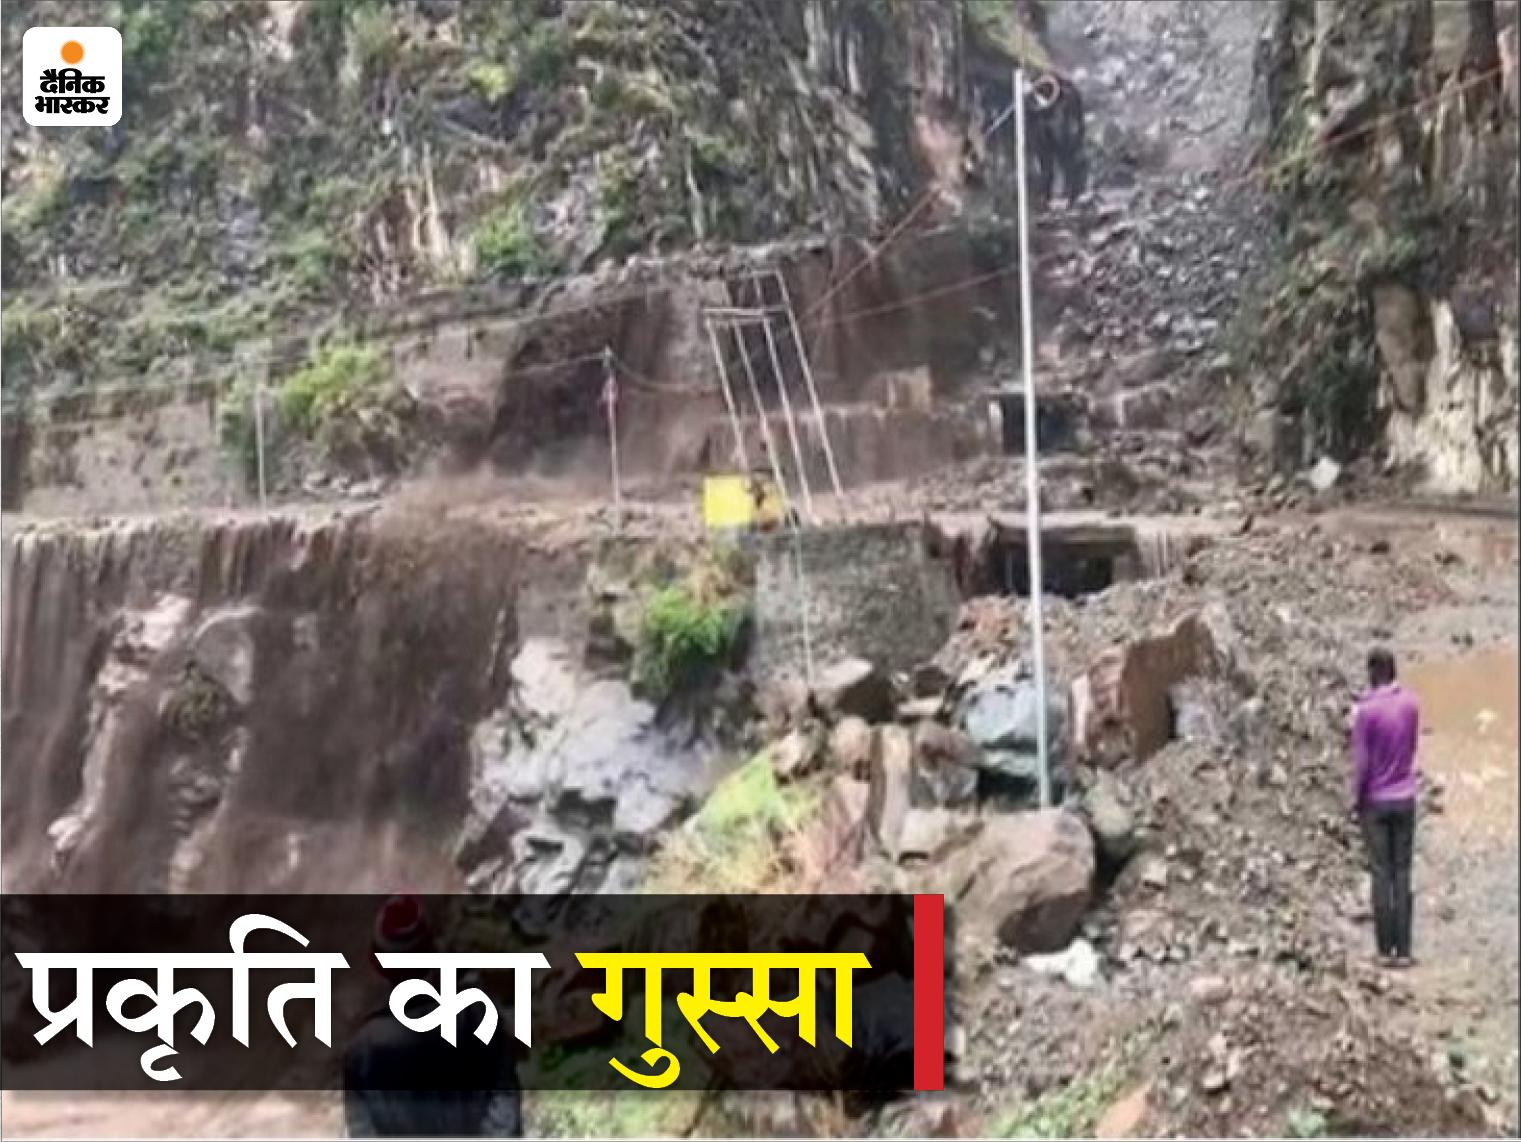 चंबा में कई जगहों पर बादल फटने से नुकसान; उफनते दरिया में तब्दील हुए नाले, घरों में घुसा मलबा और पानी हिमाचल,Himachal - Dainik Bhaskar